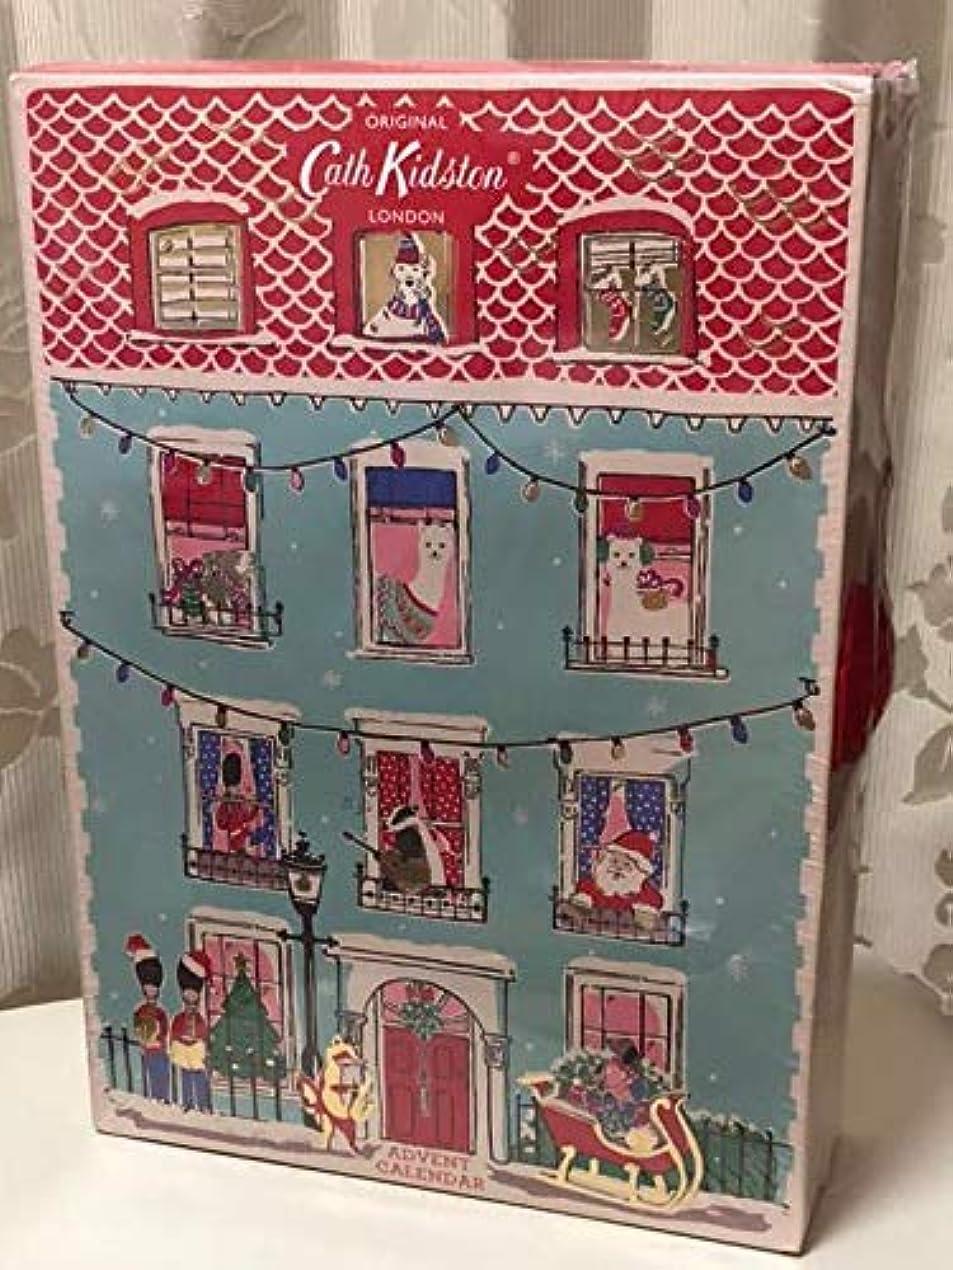 アイデア統治するキャドキッドソン Cath Kidson 日本未発売 クリスマスアドベントカレンダー ハンドクリームセット